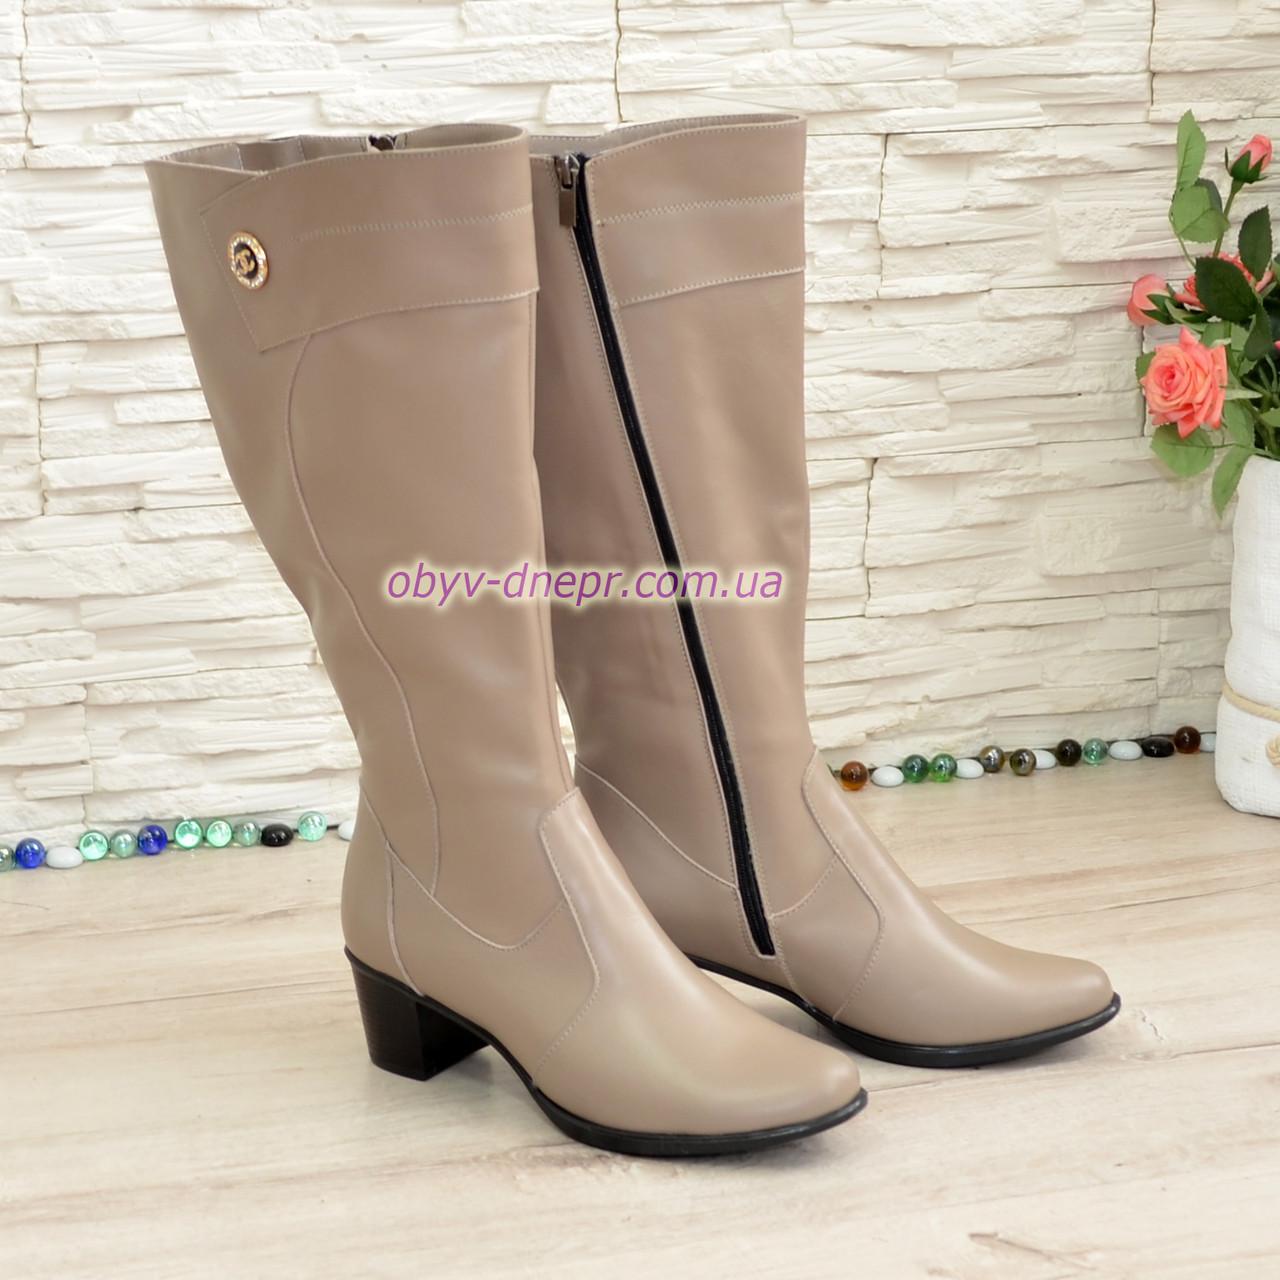 Сапоги женские кожаные на невысоком каблуке, цвет визон. Батал